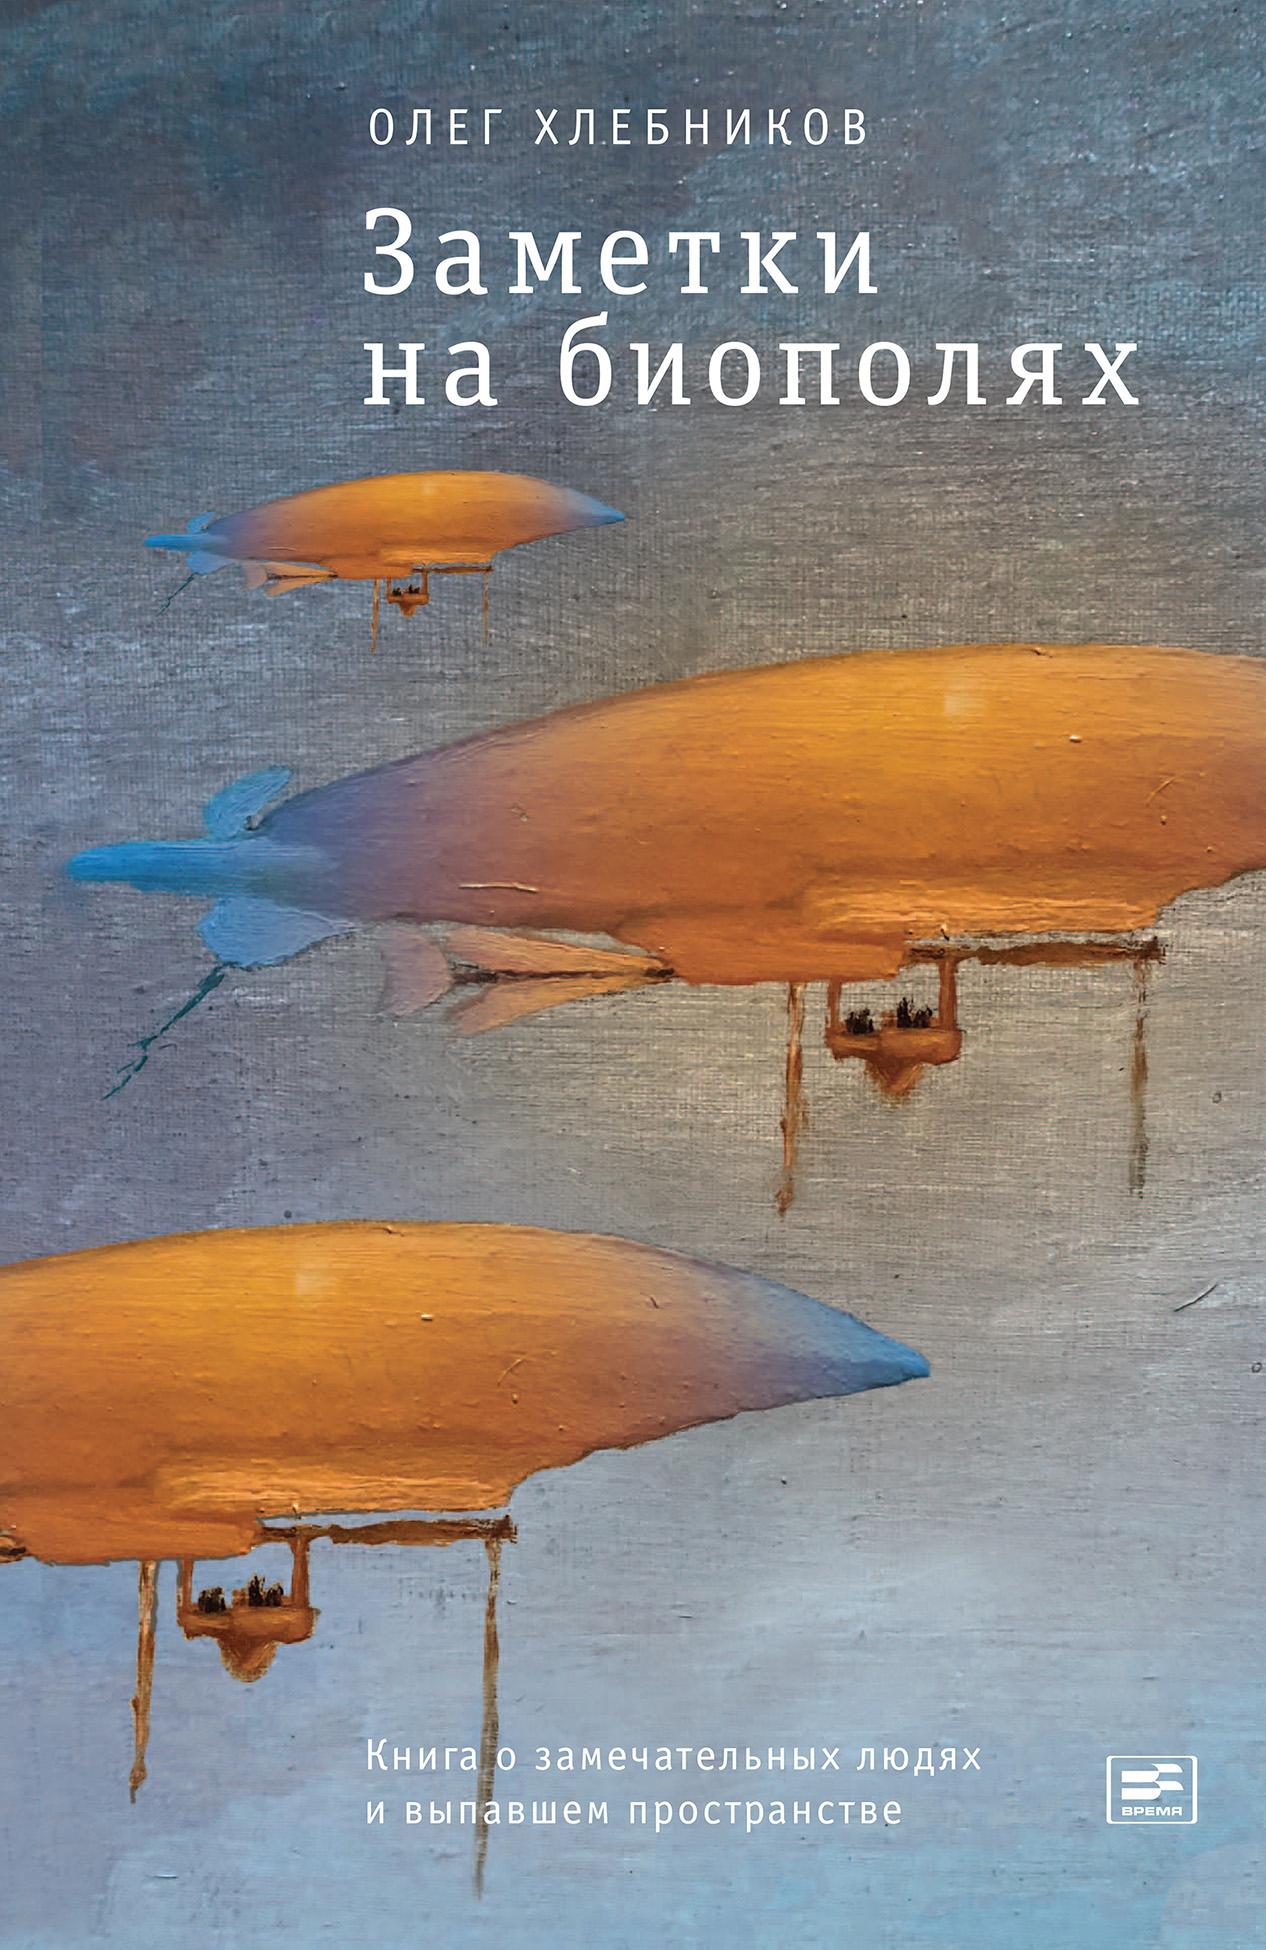 Заметки на биополях. Книга о замечательных людях и выпавшем пространстве (сборник)